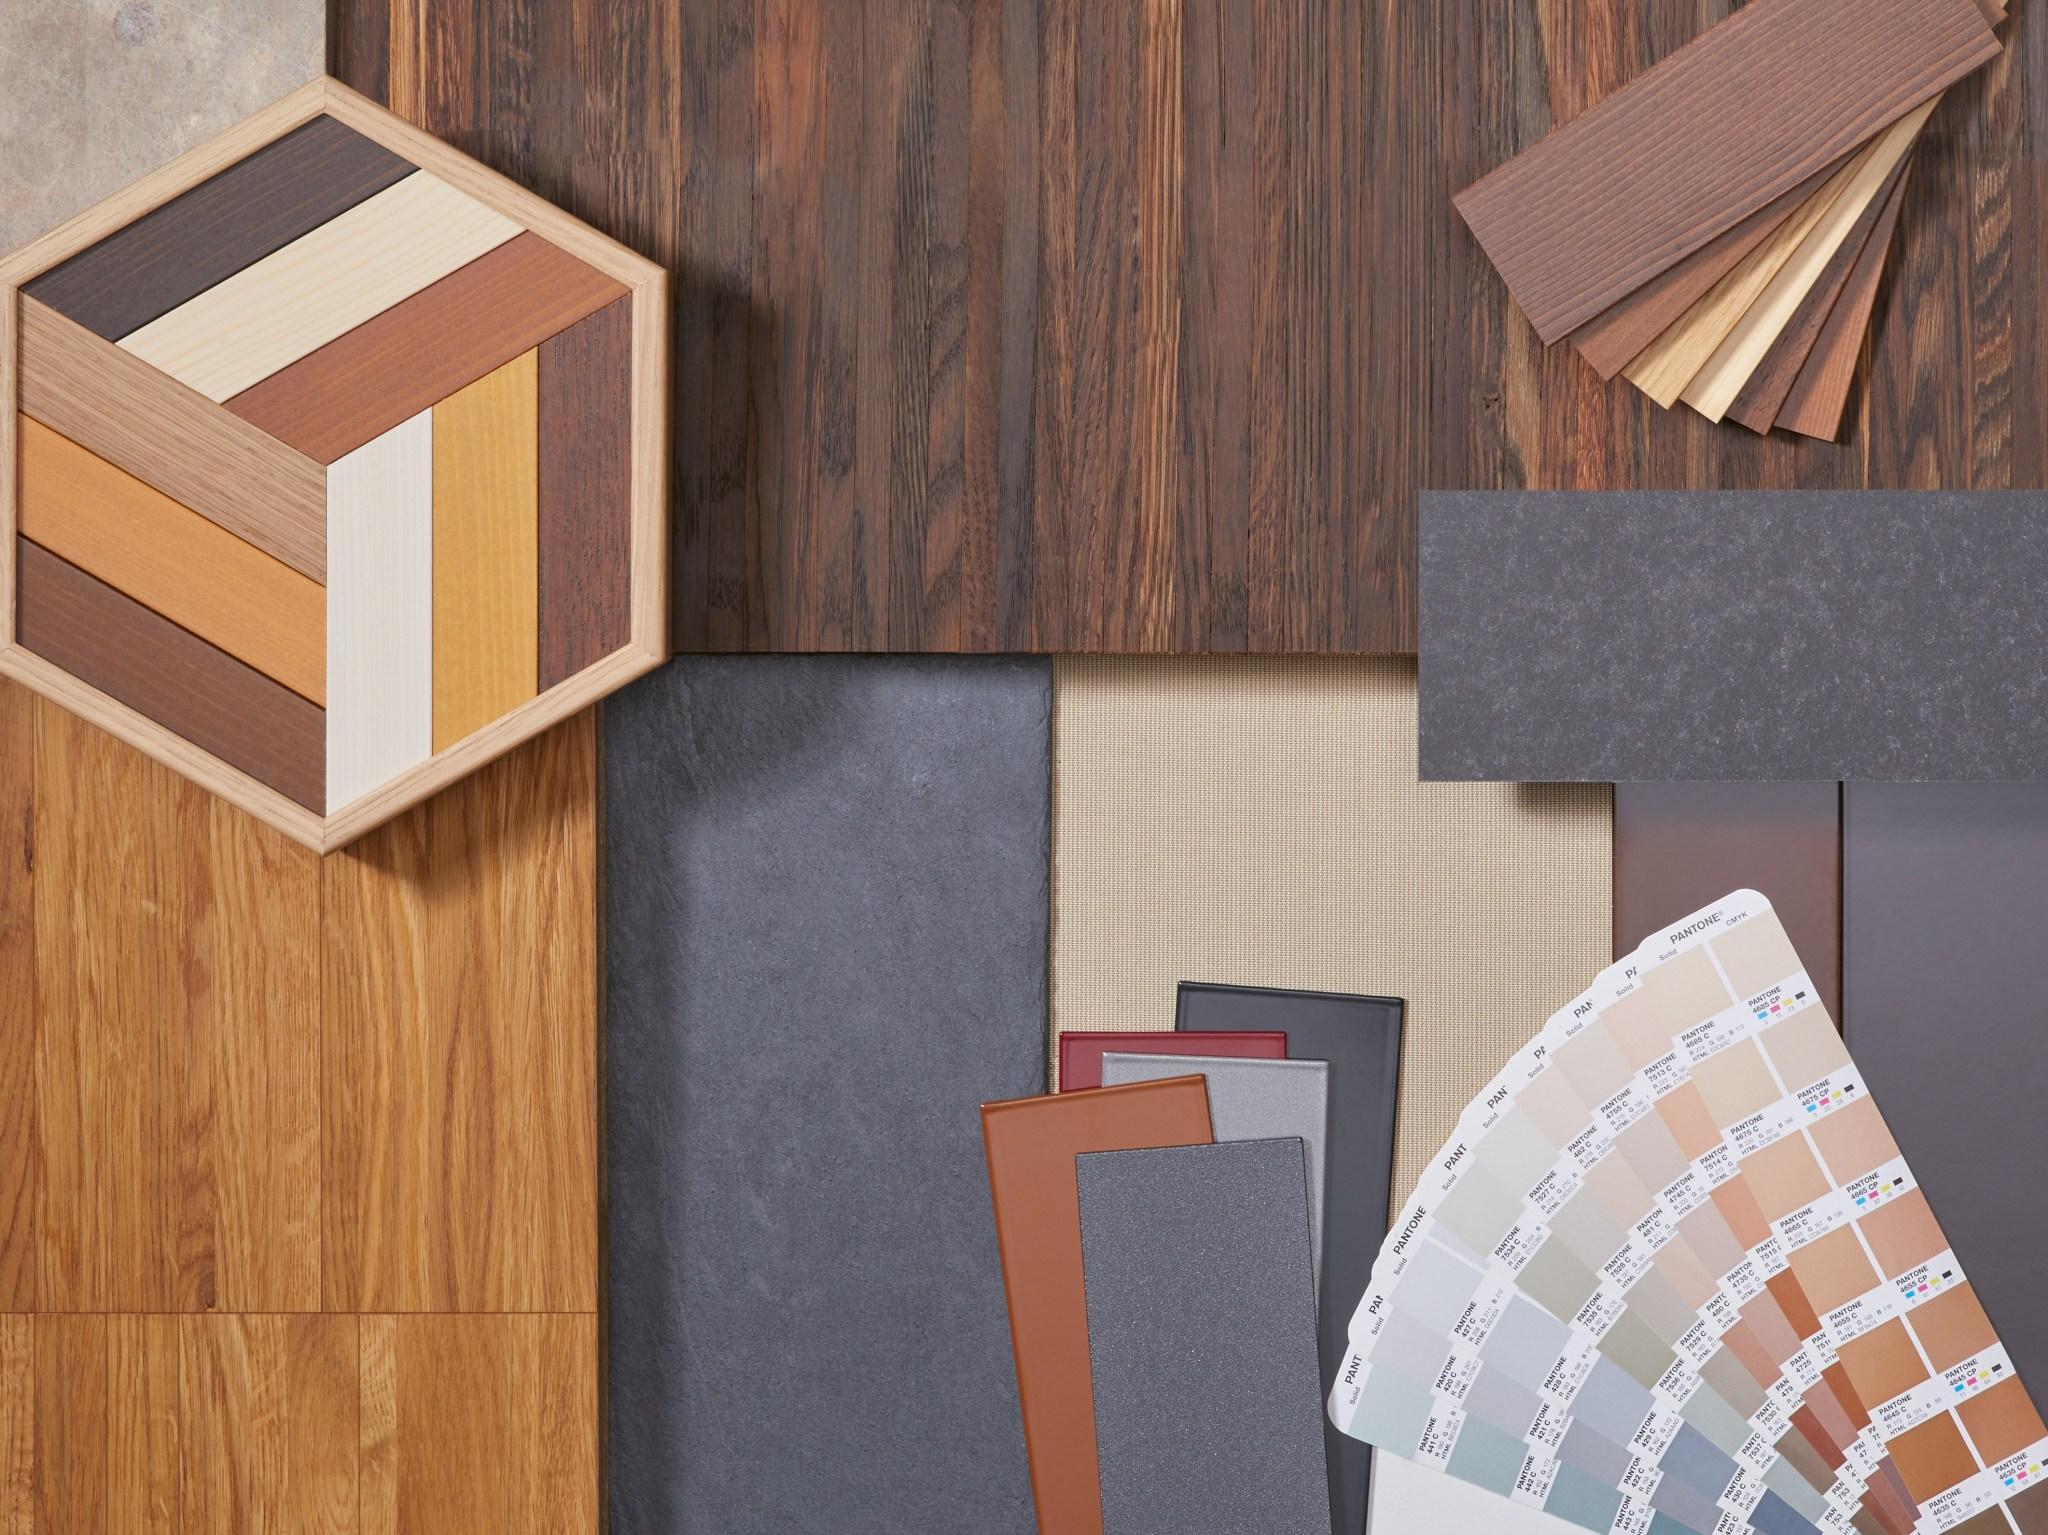 Individuelle Design und Material Varianten